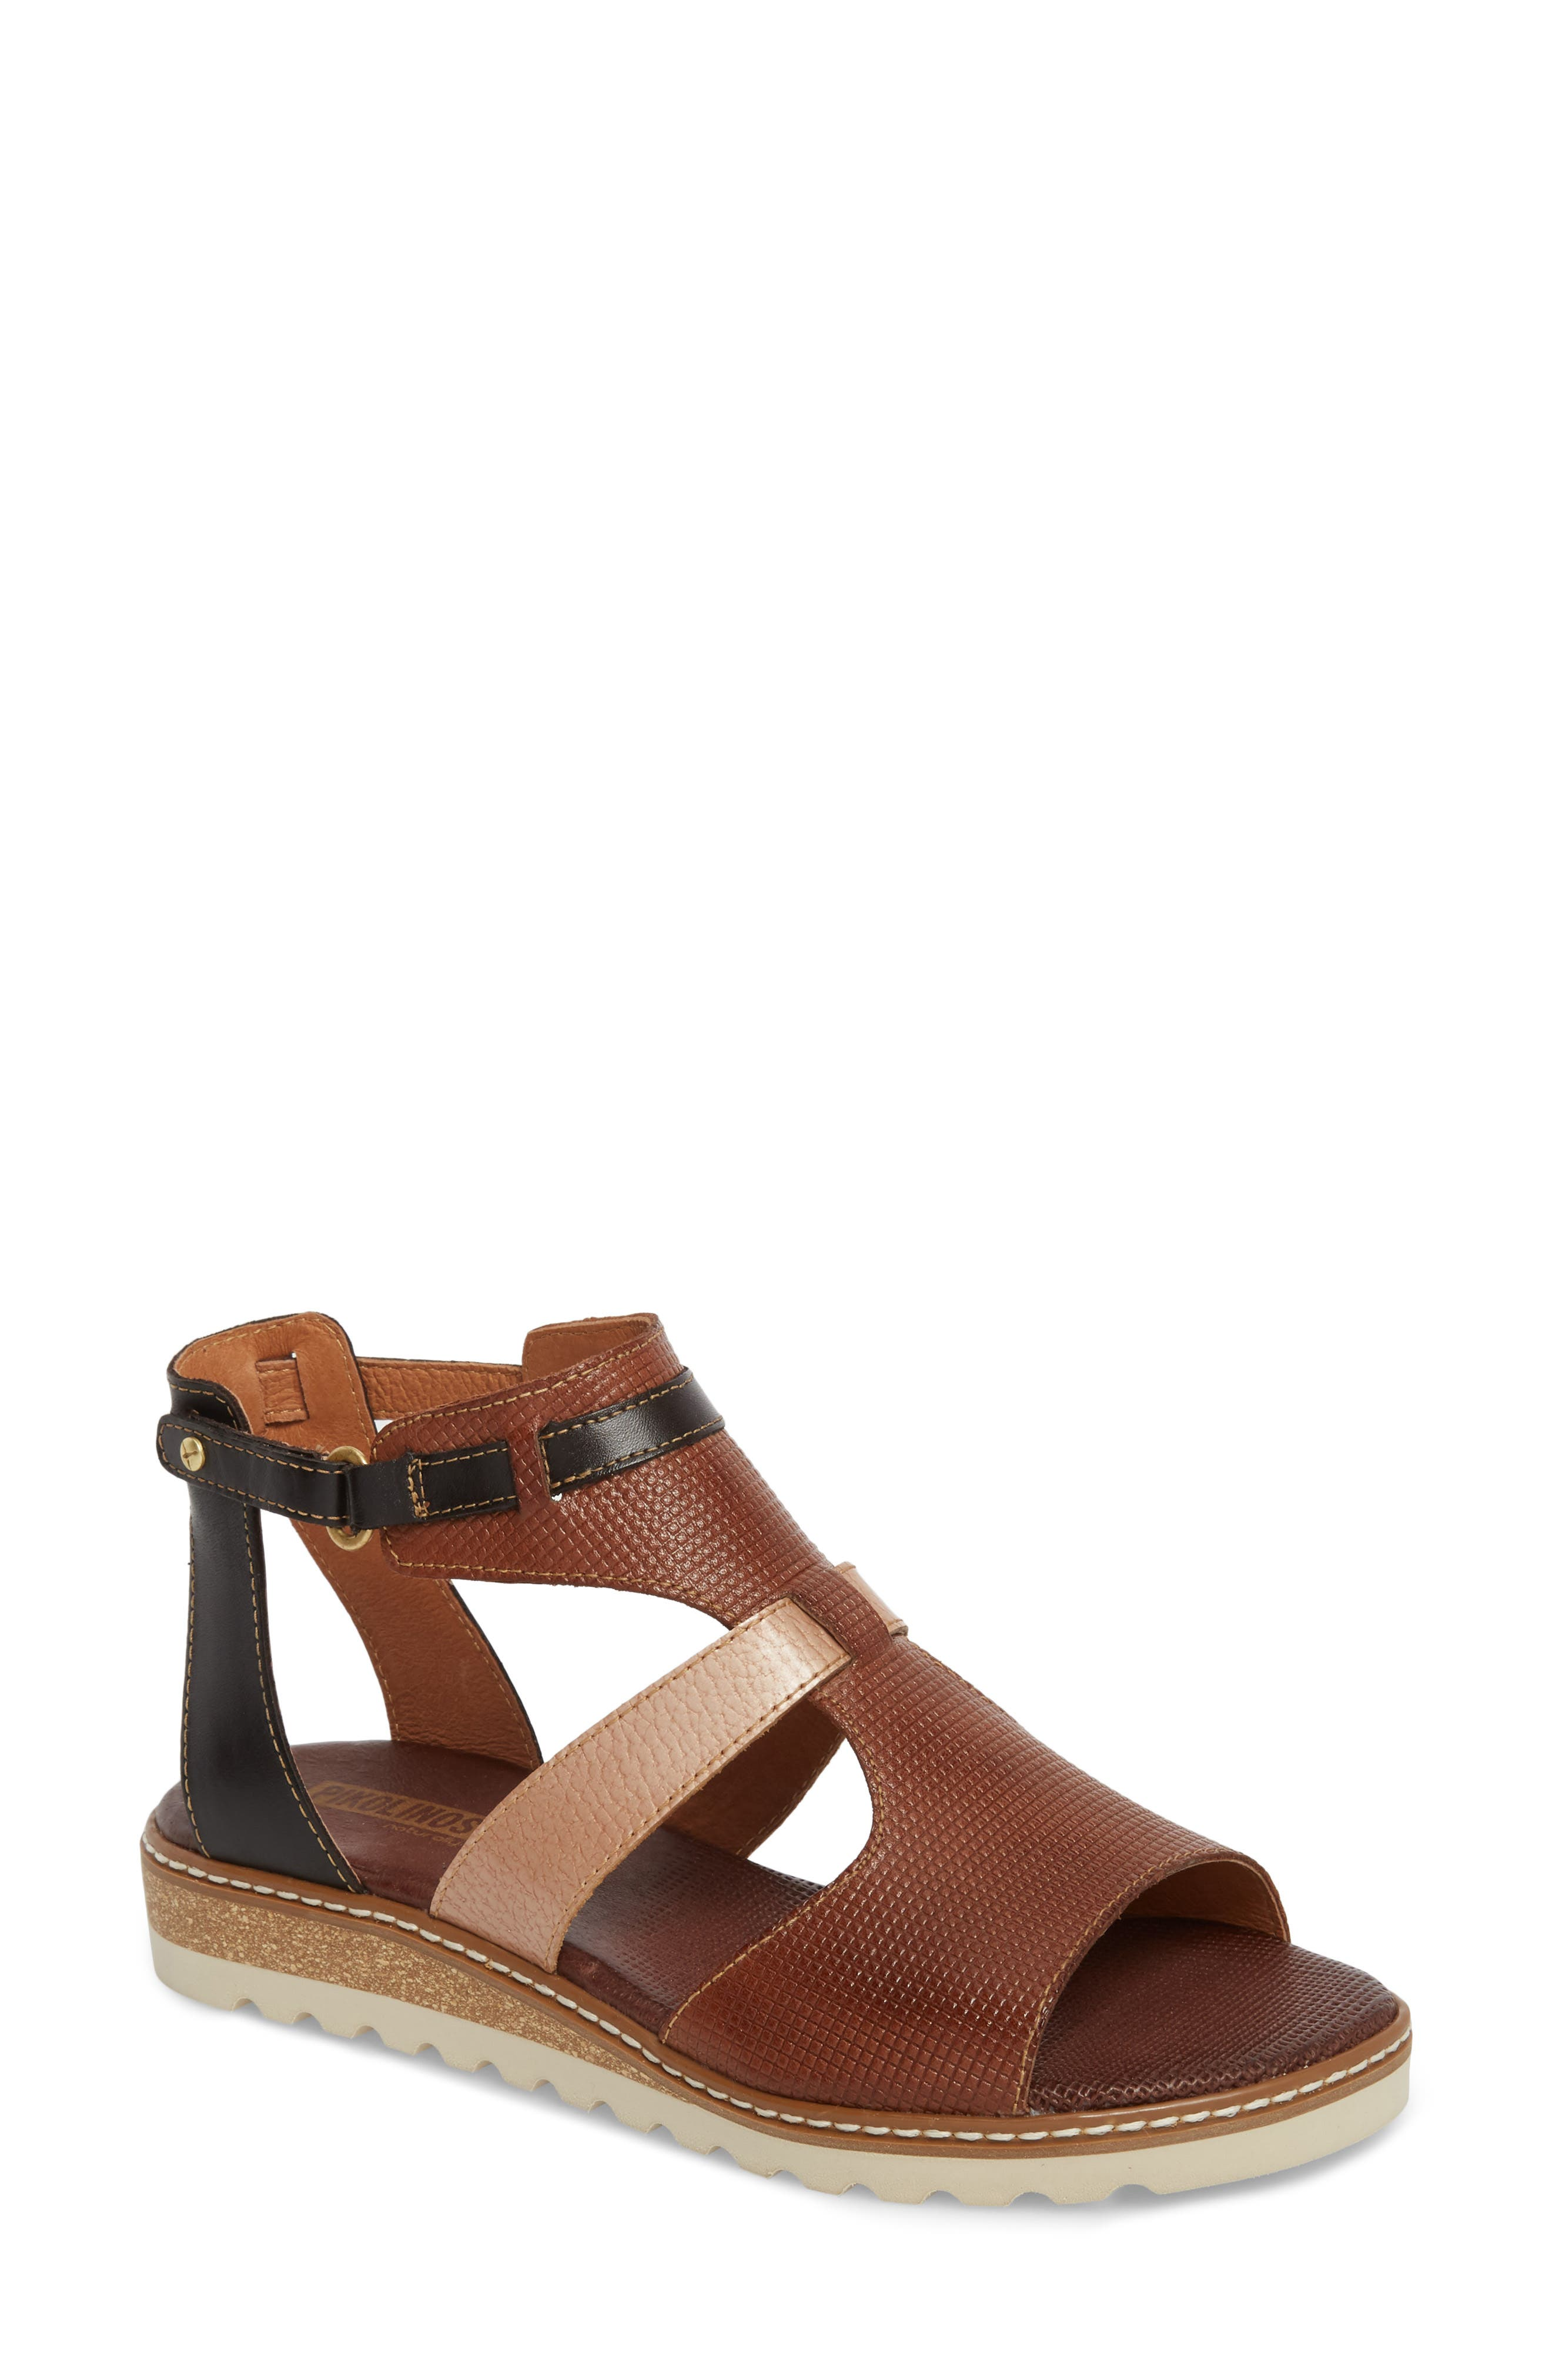 Alcudia Sandal,                             Main thumbnail 1, color,                             Cuero Leather